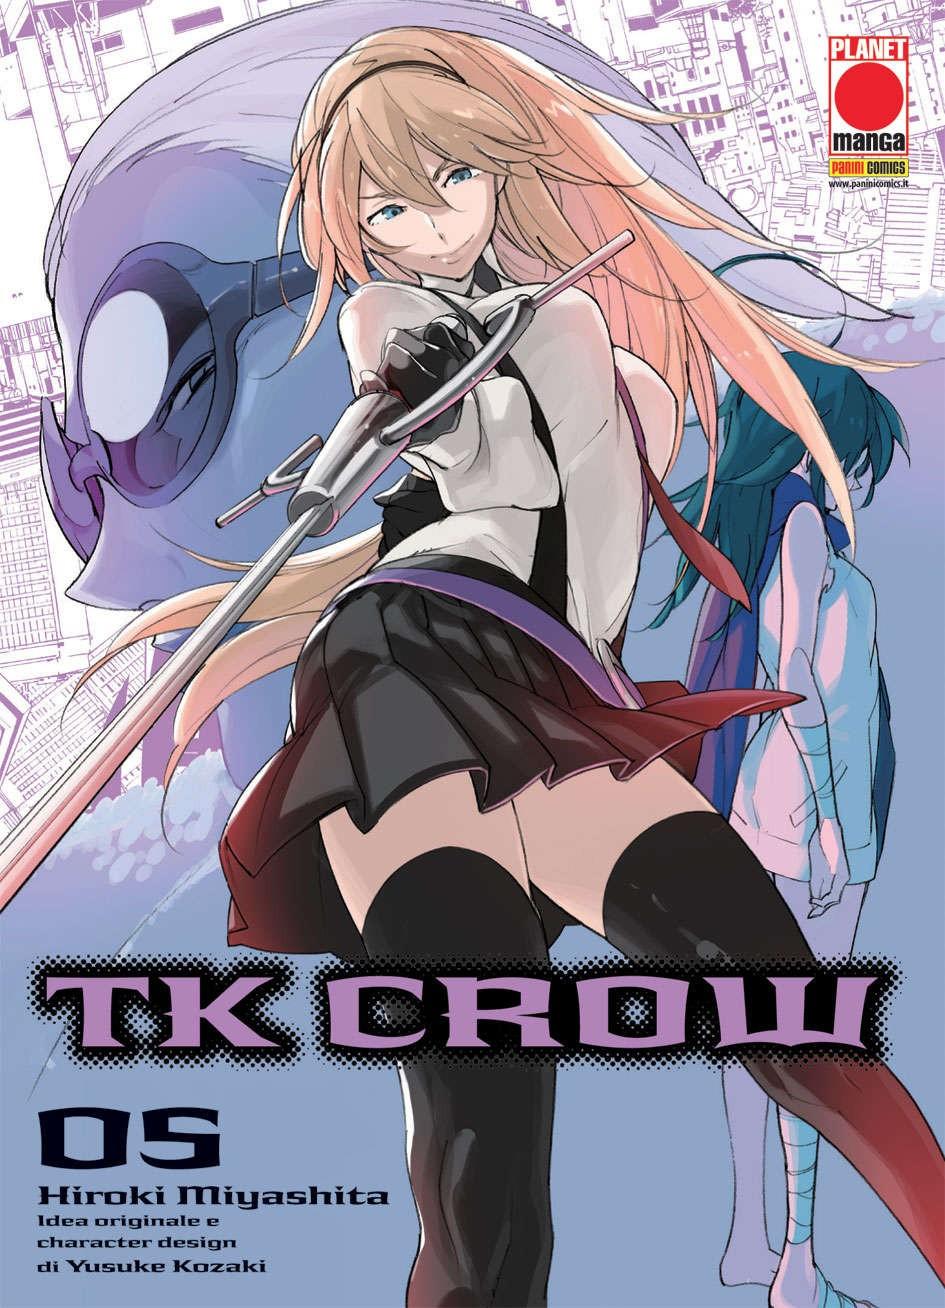 Tk Crow - N° 5 - Tk Crow - Planet Manga Presenta Planet Manga